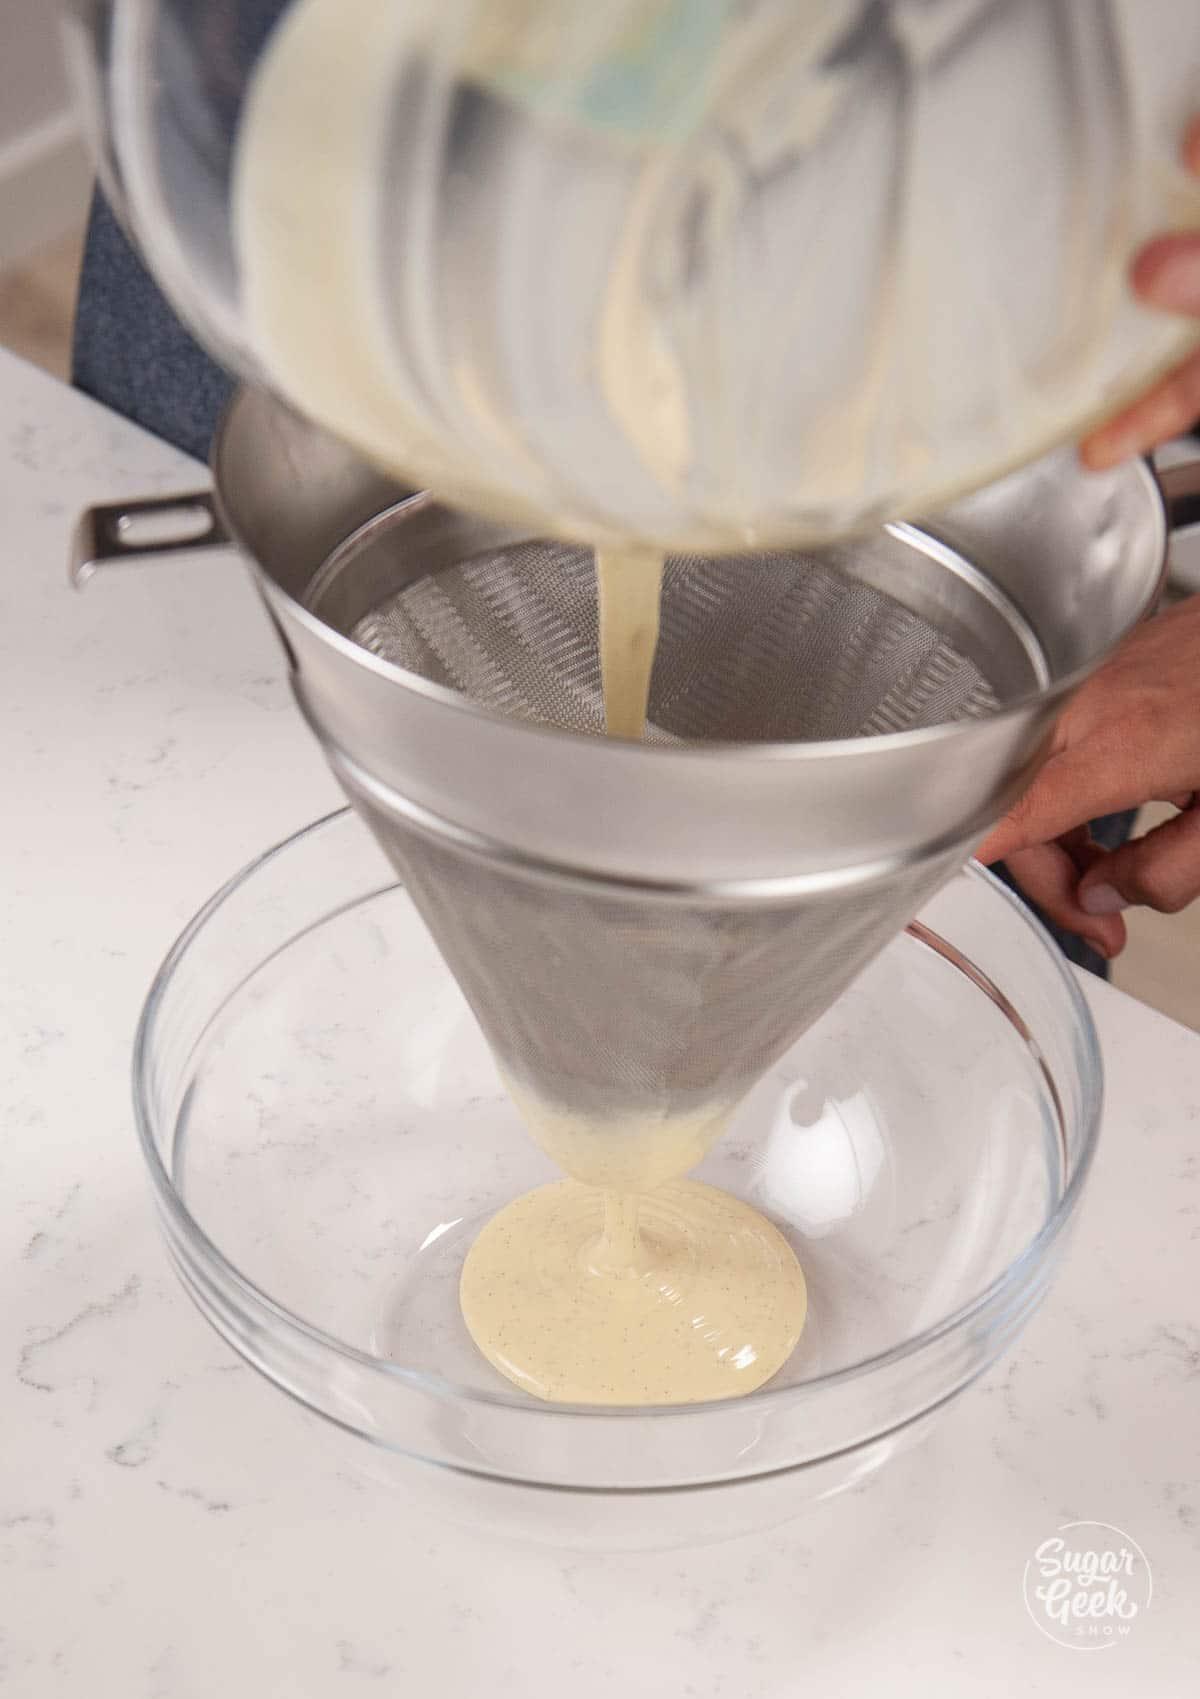 straining white chocolate